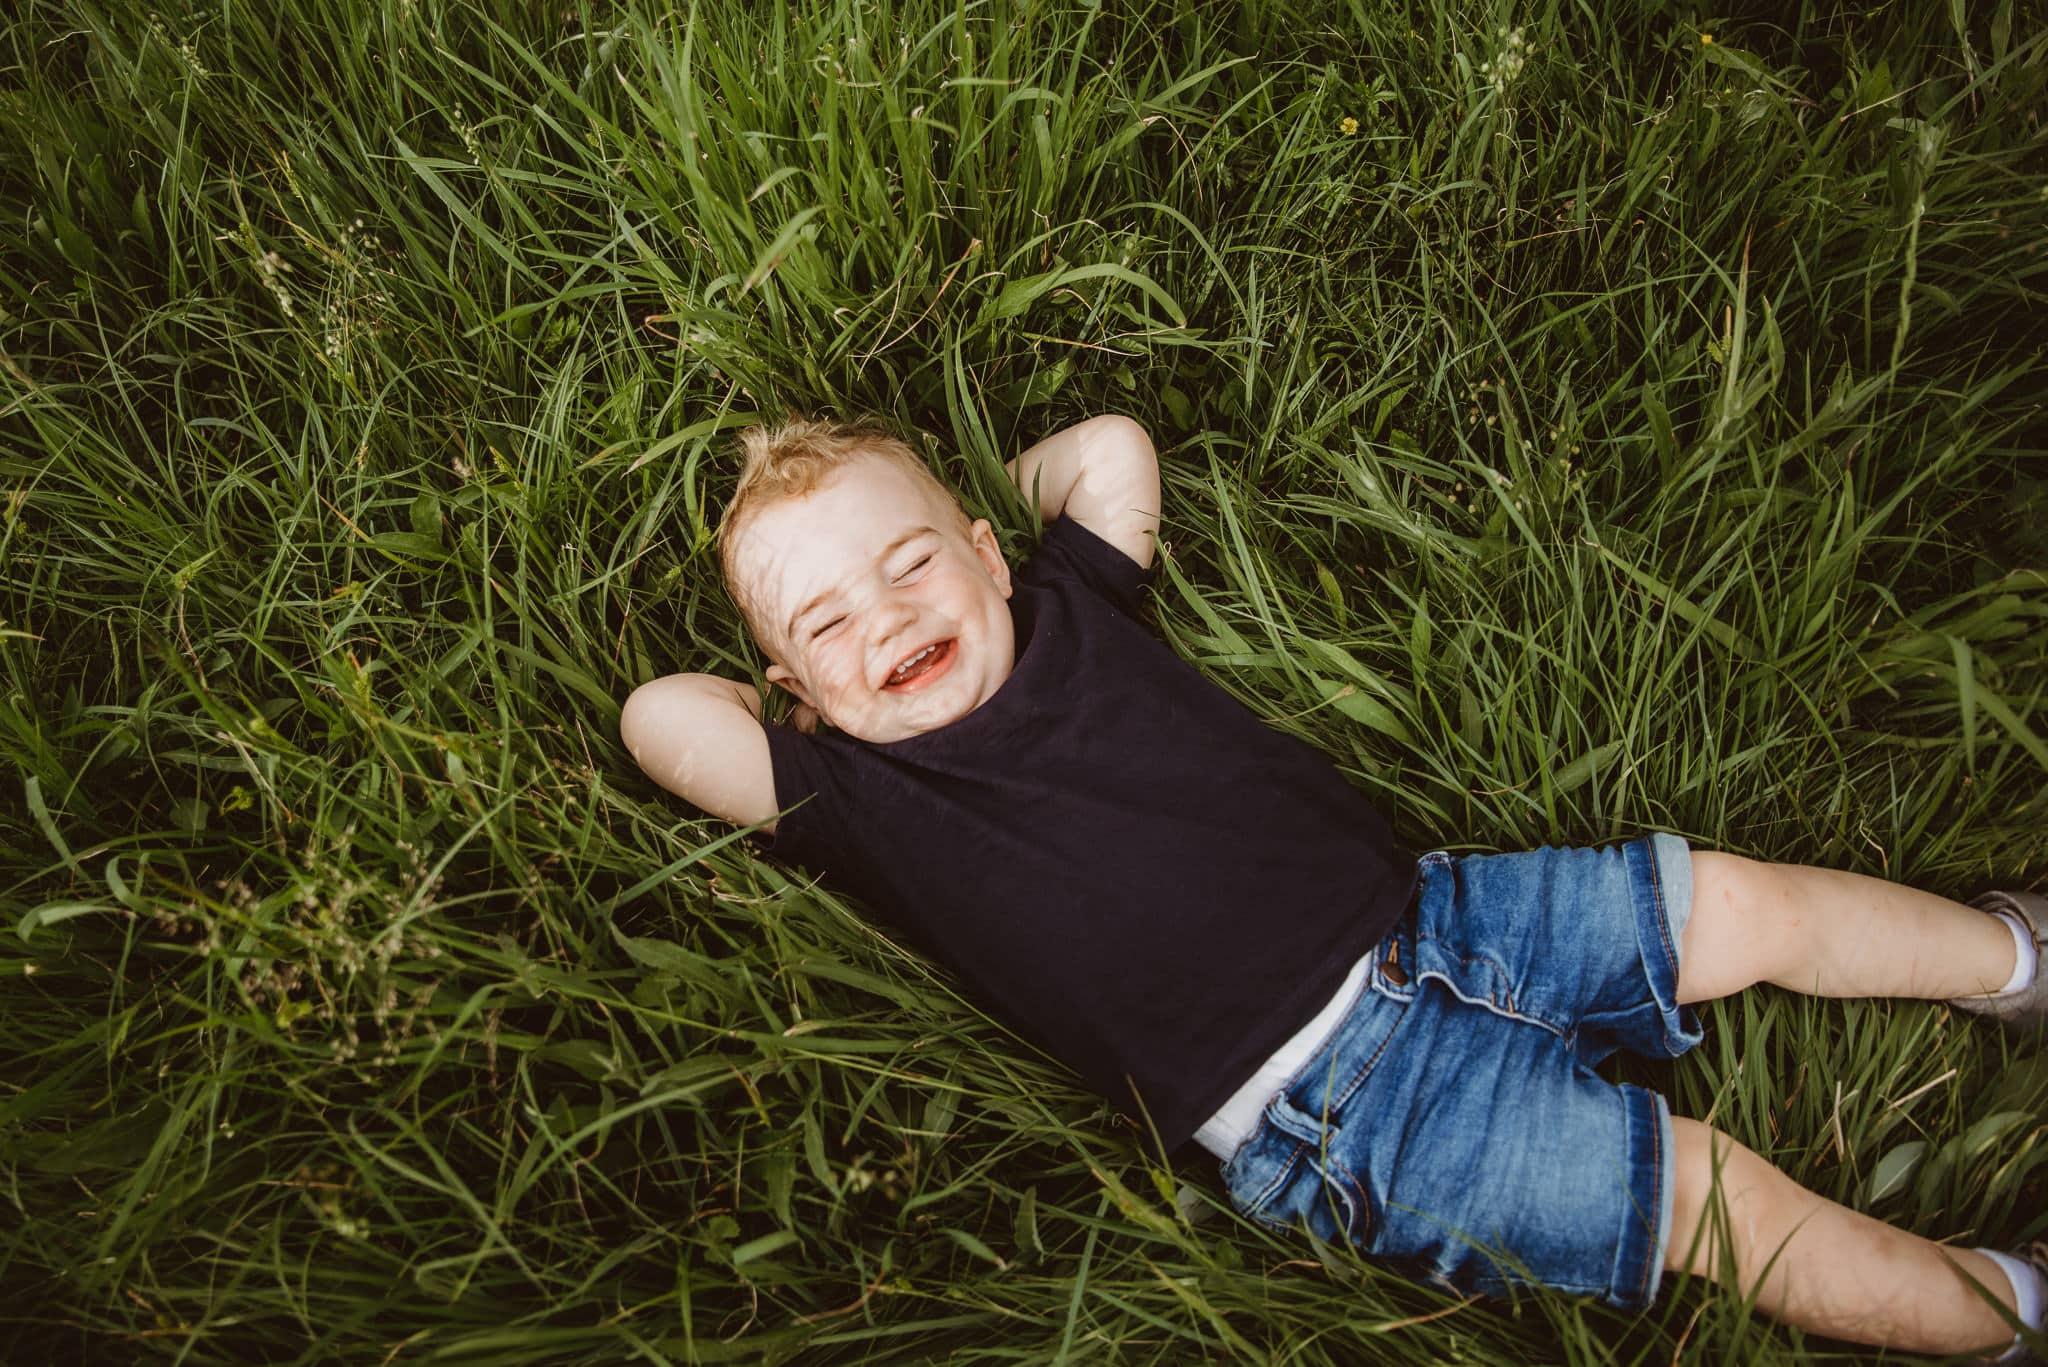 chlapeček ležící v trávě se směje přirozenému rodinnému focení na vysočině